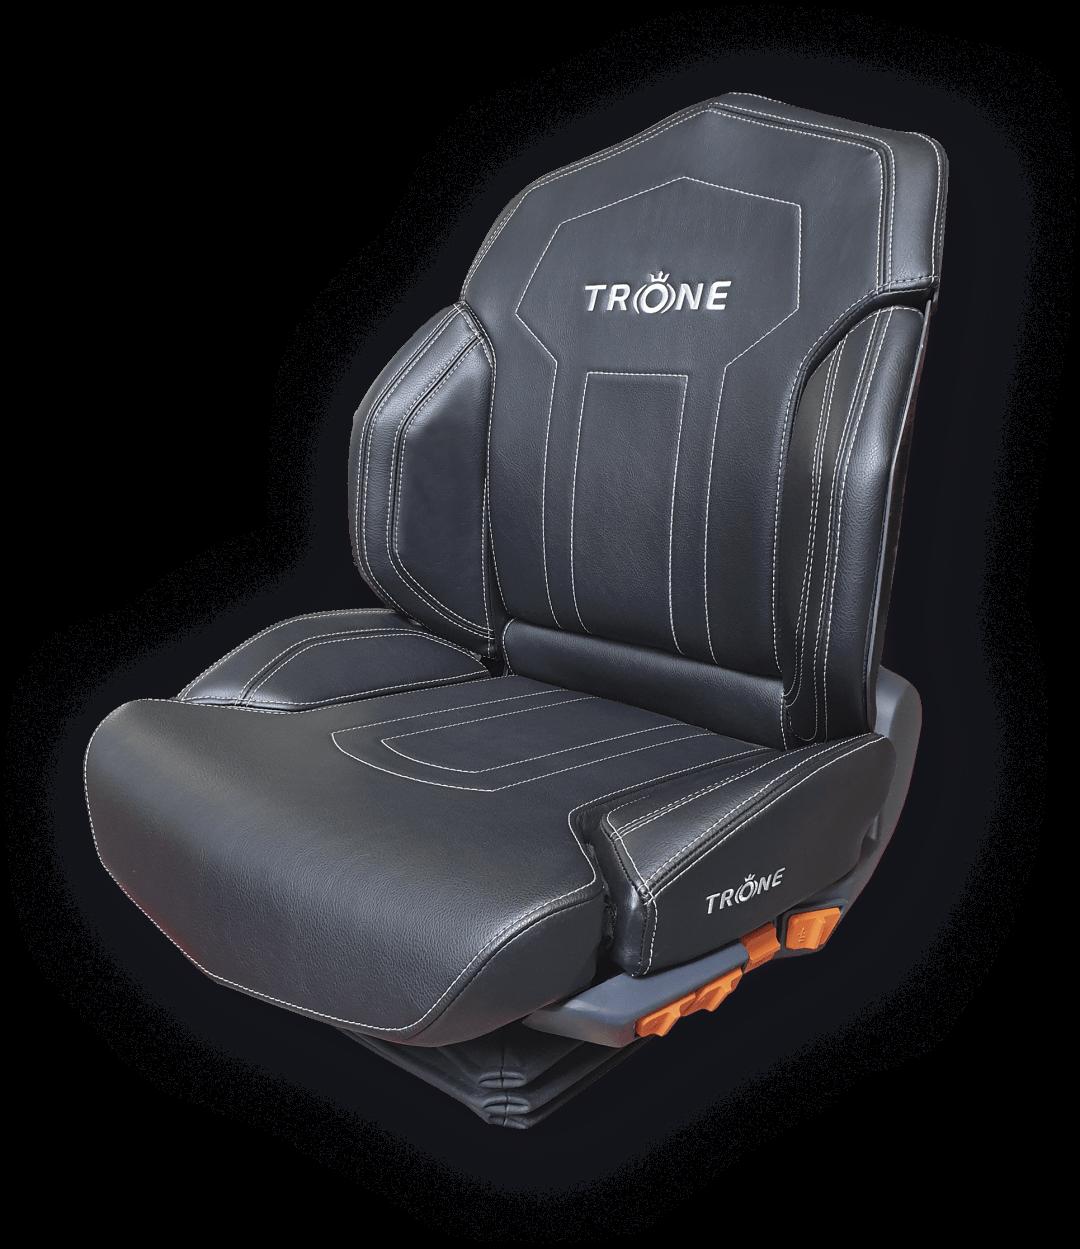 Trone-Low-Back-elektrisch